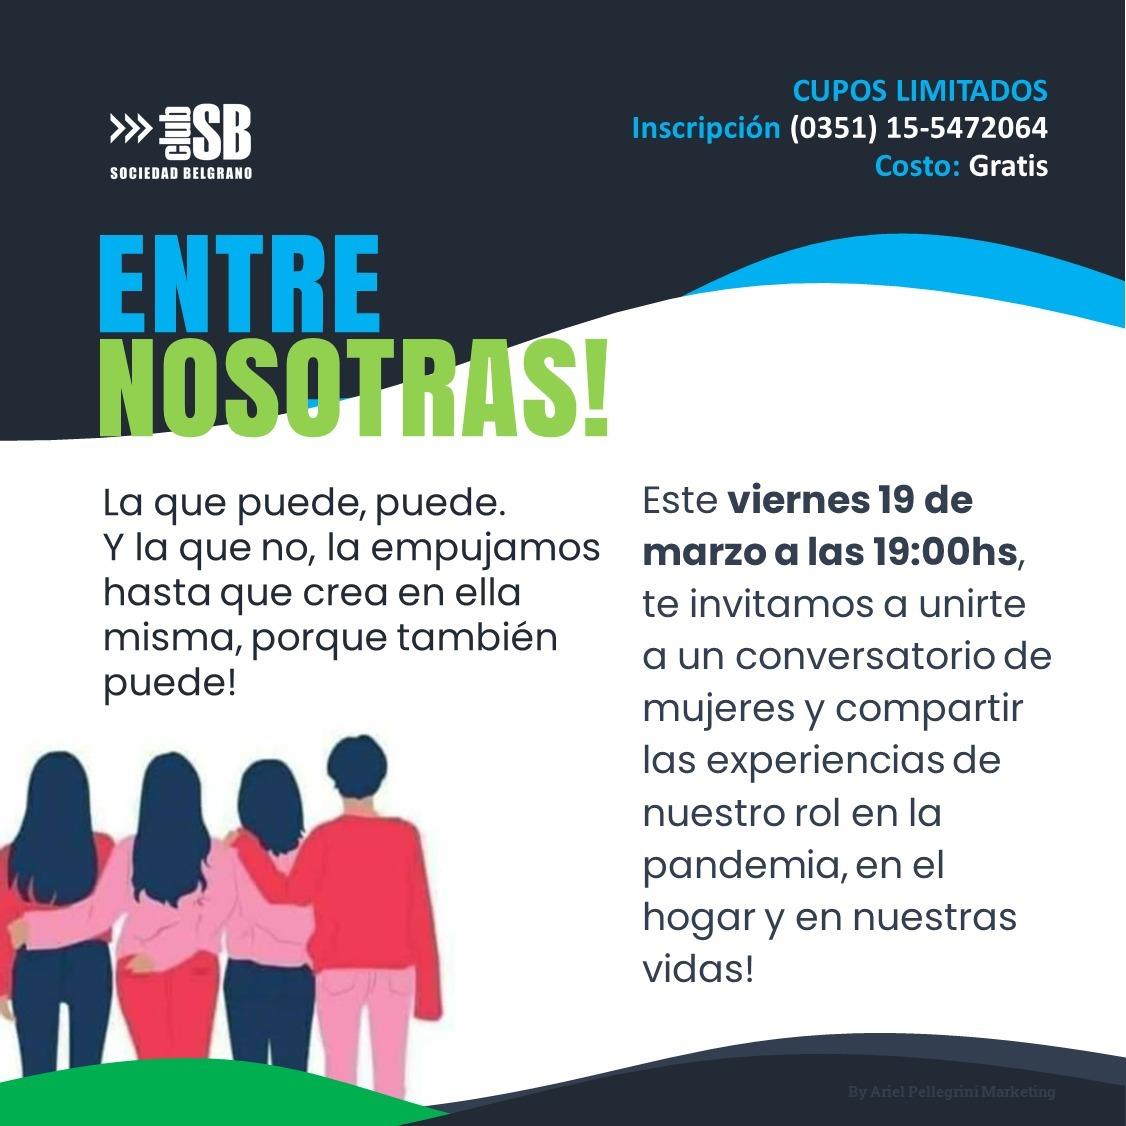 2021 03 16 - ENTRE NOSOTRAS